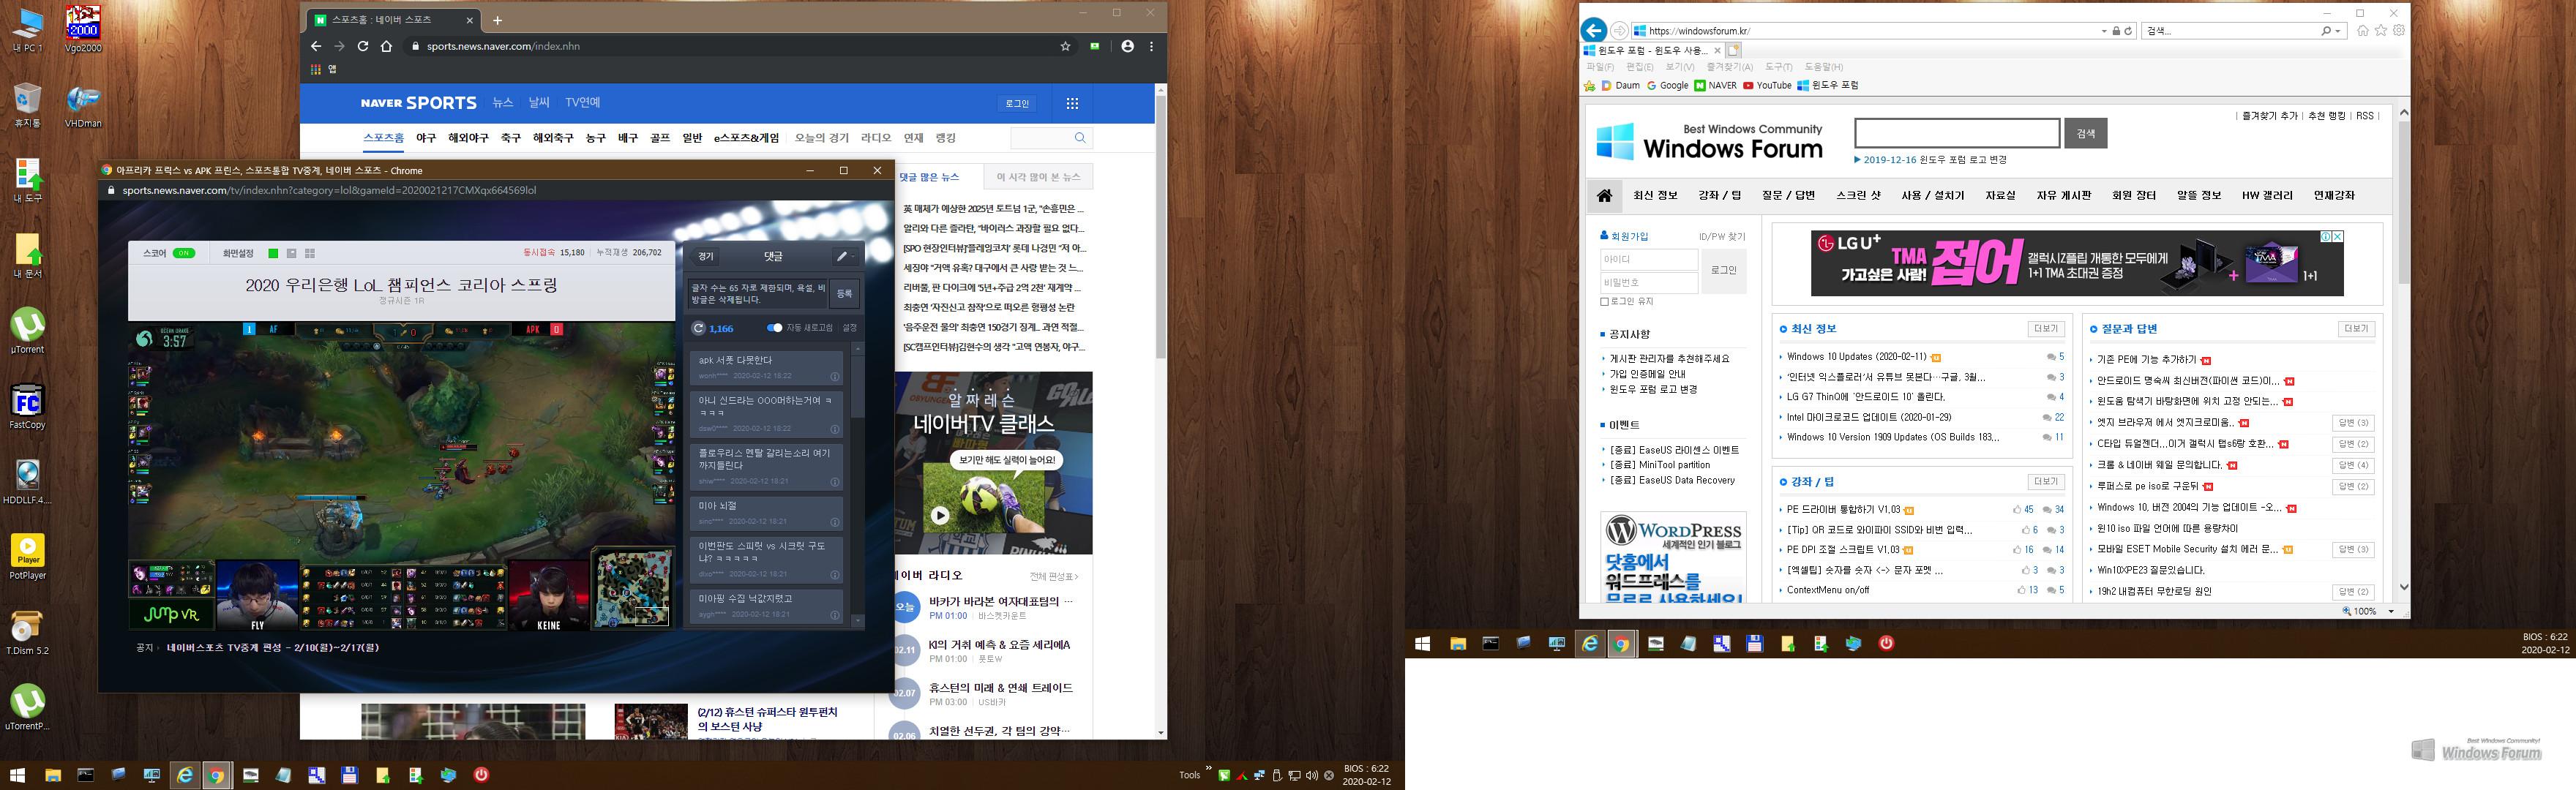 Win10XPE23_x64_19559.1000_Files_0003-08.jpg